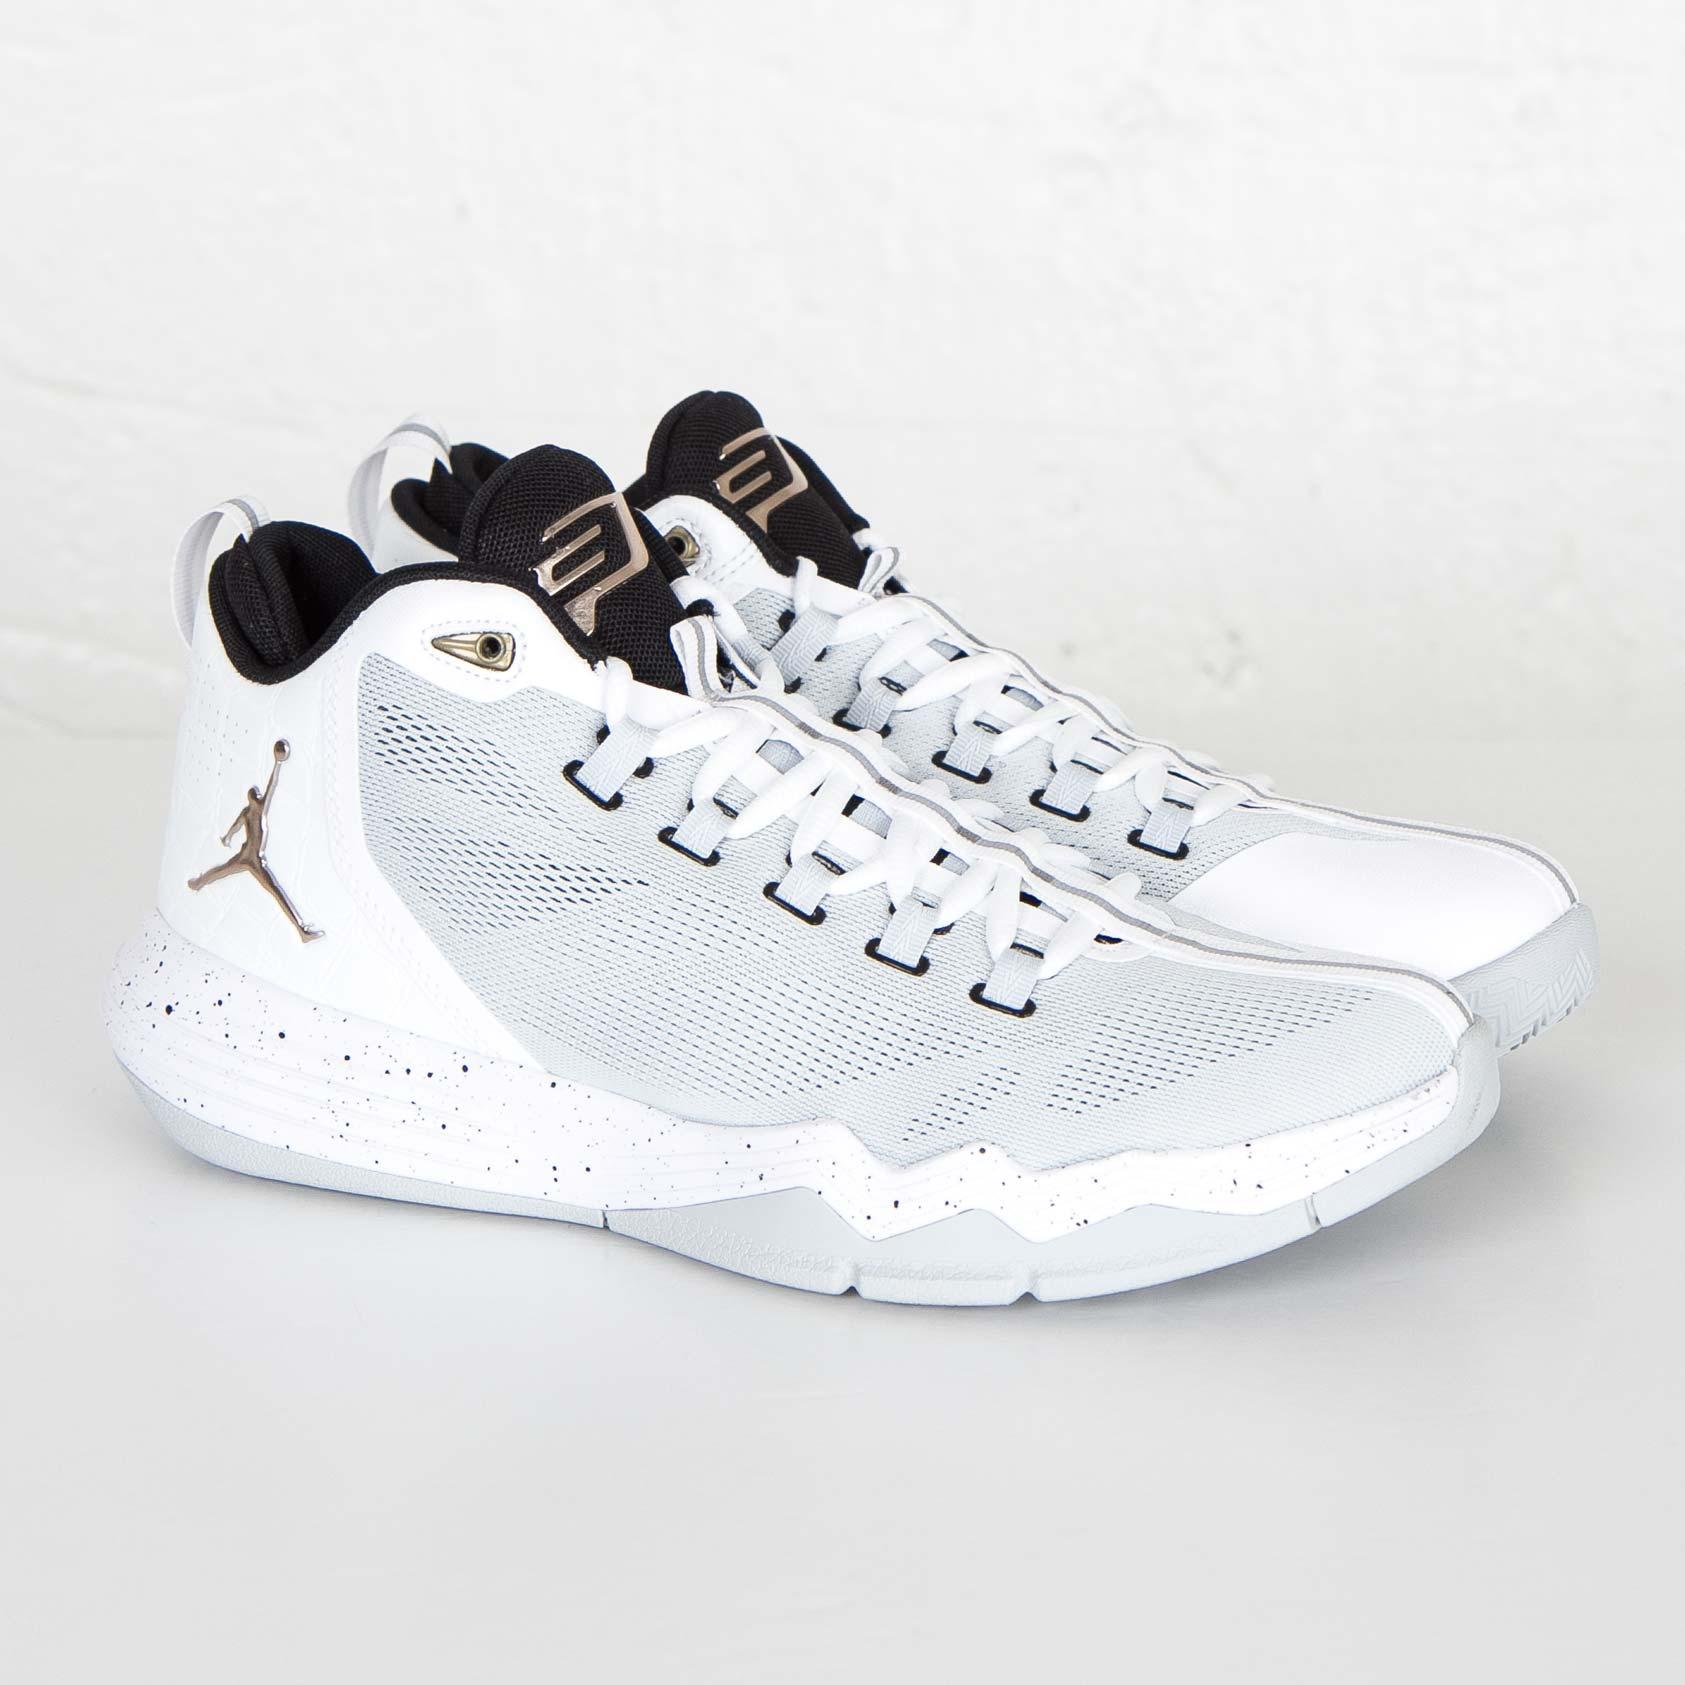 Nike Jordan CP3.IX Air Jordan Jordan CP3.XI Herren